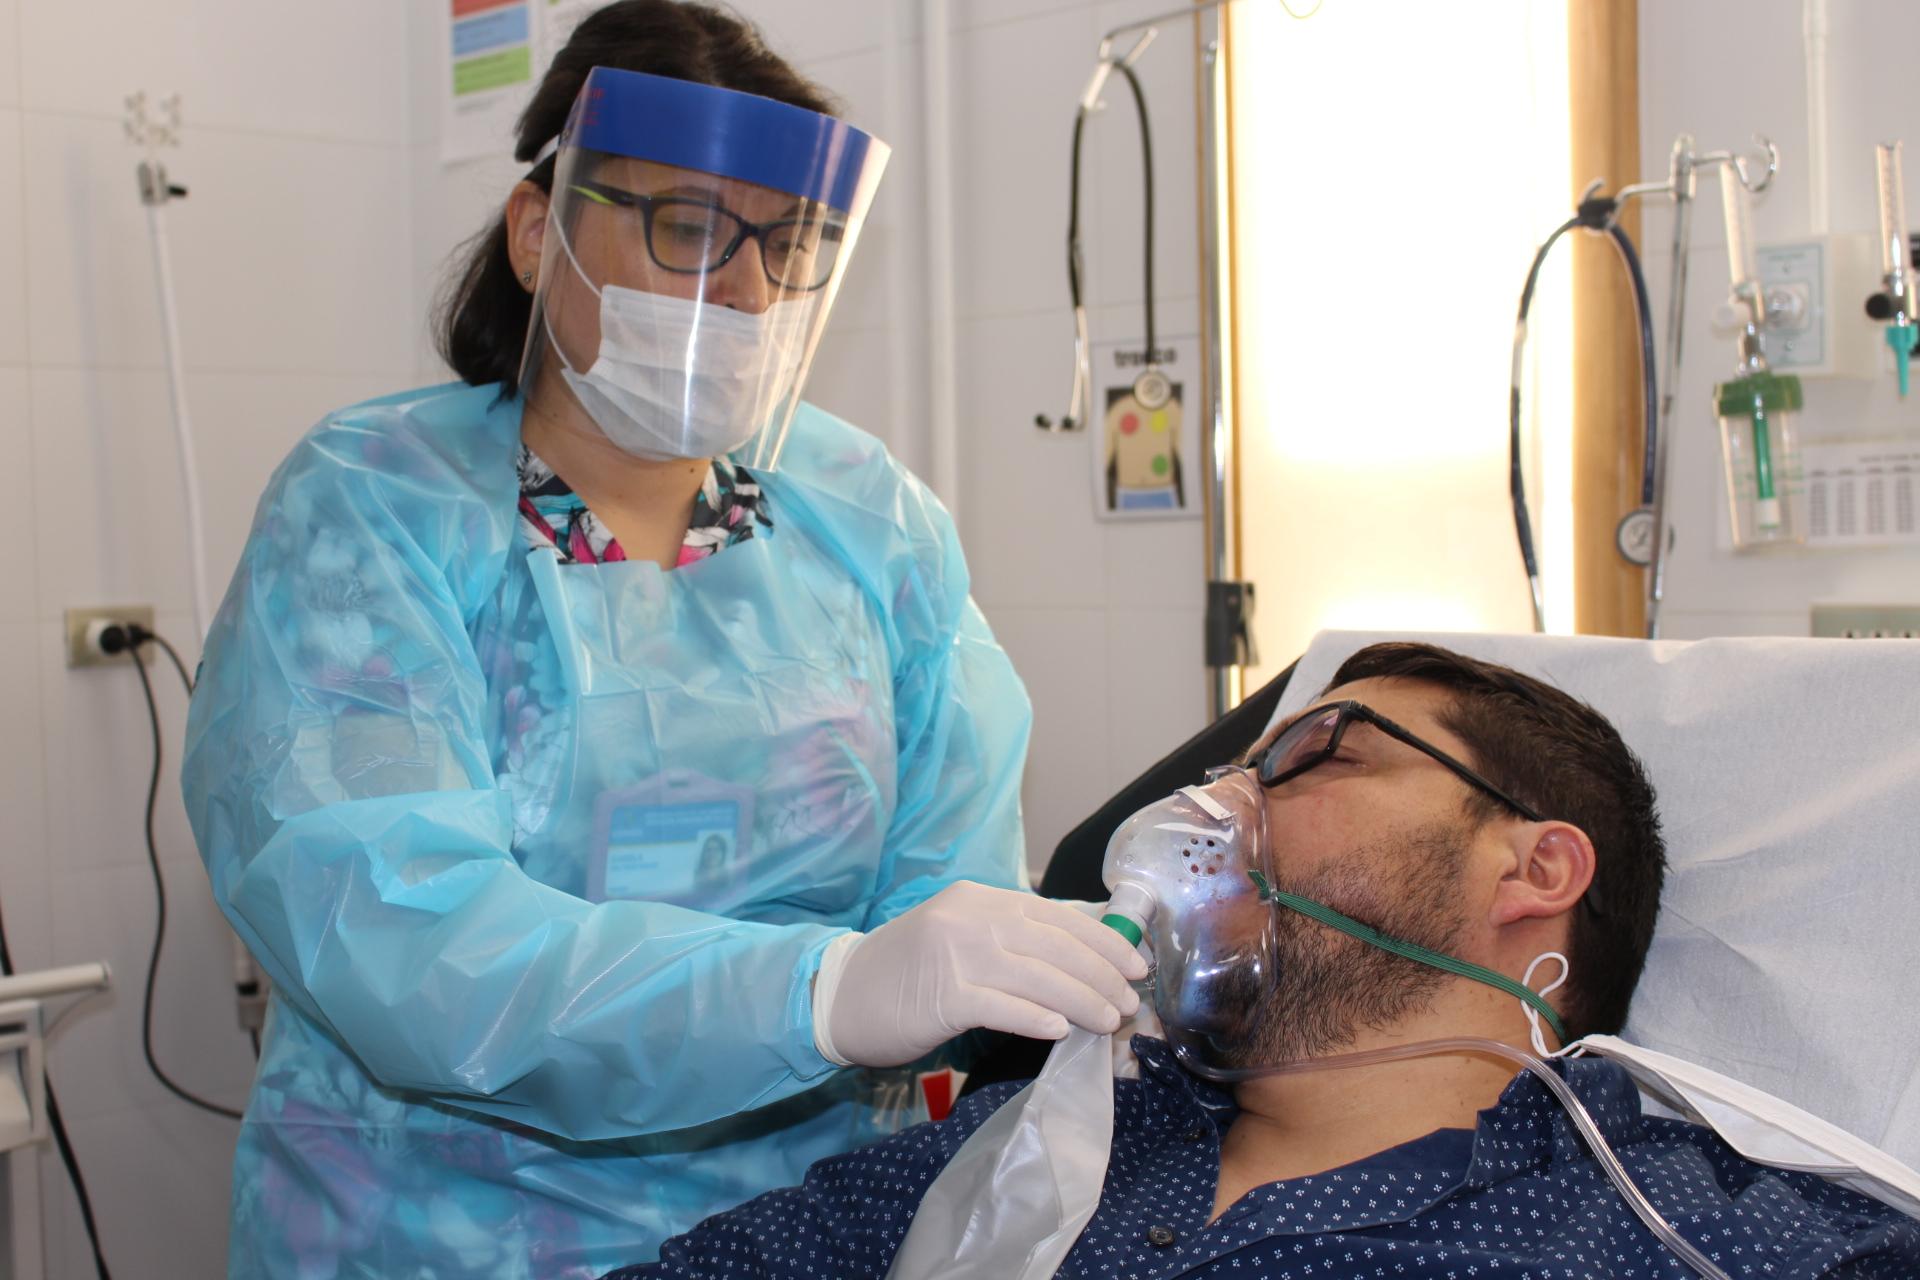 Coronavirus: Realizan simulacro de contagio en Los Ángeles